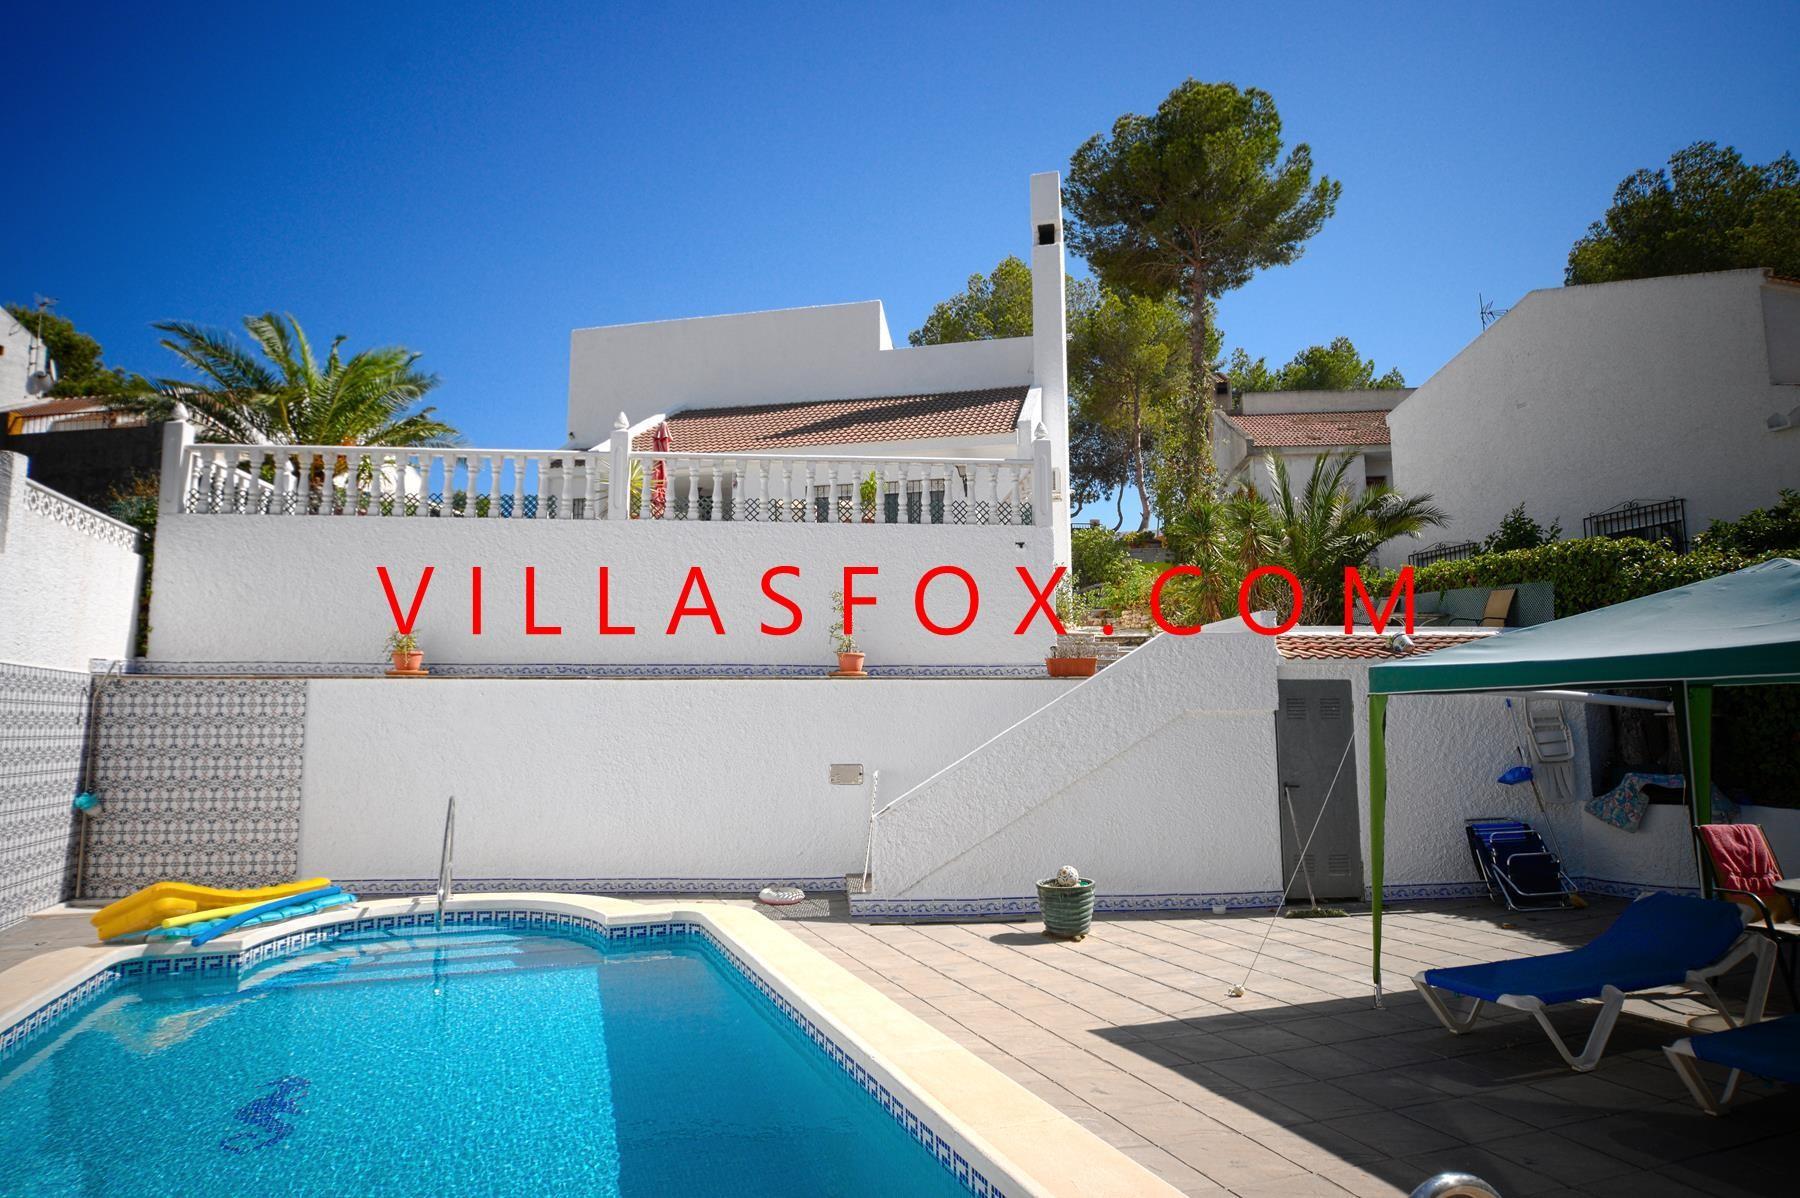 Las Comunicaciones 3-bedroom villa with pool on large plot